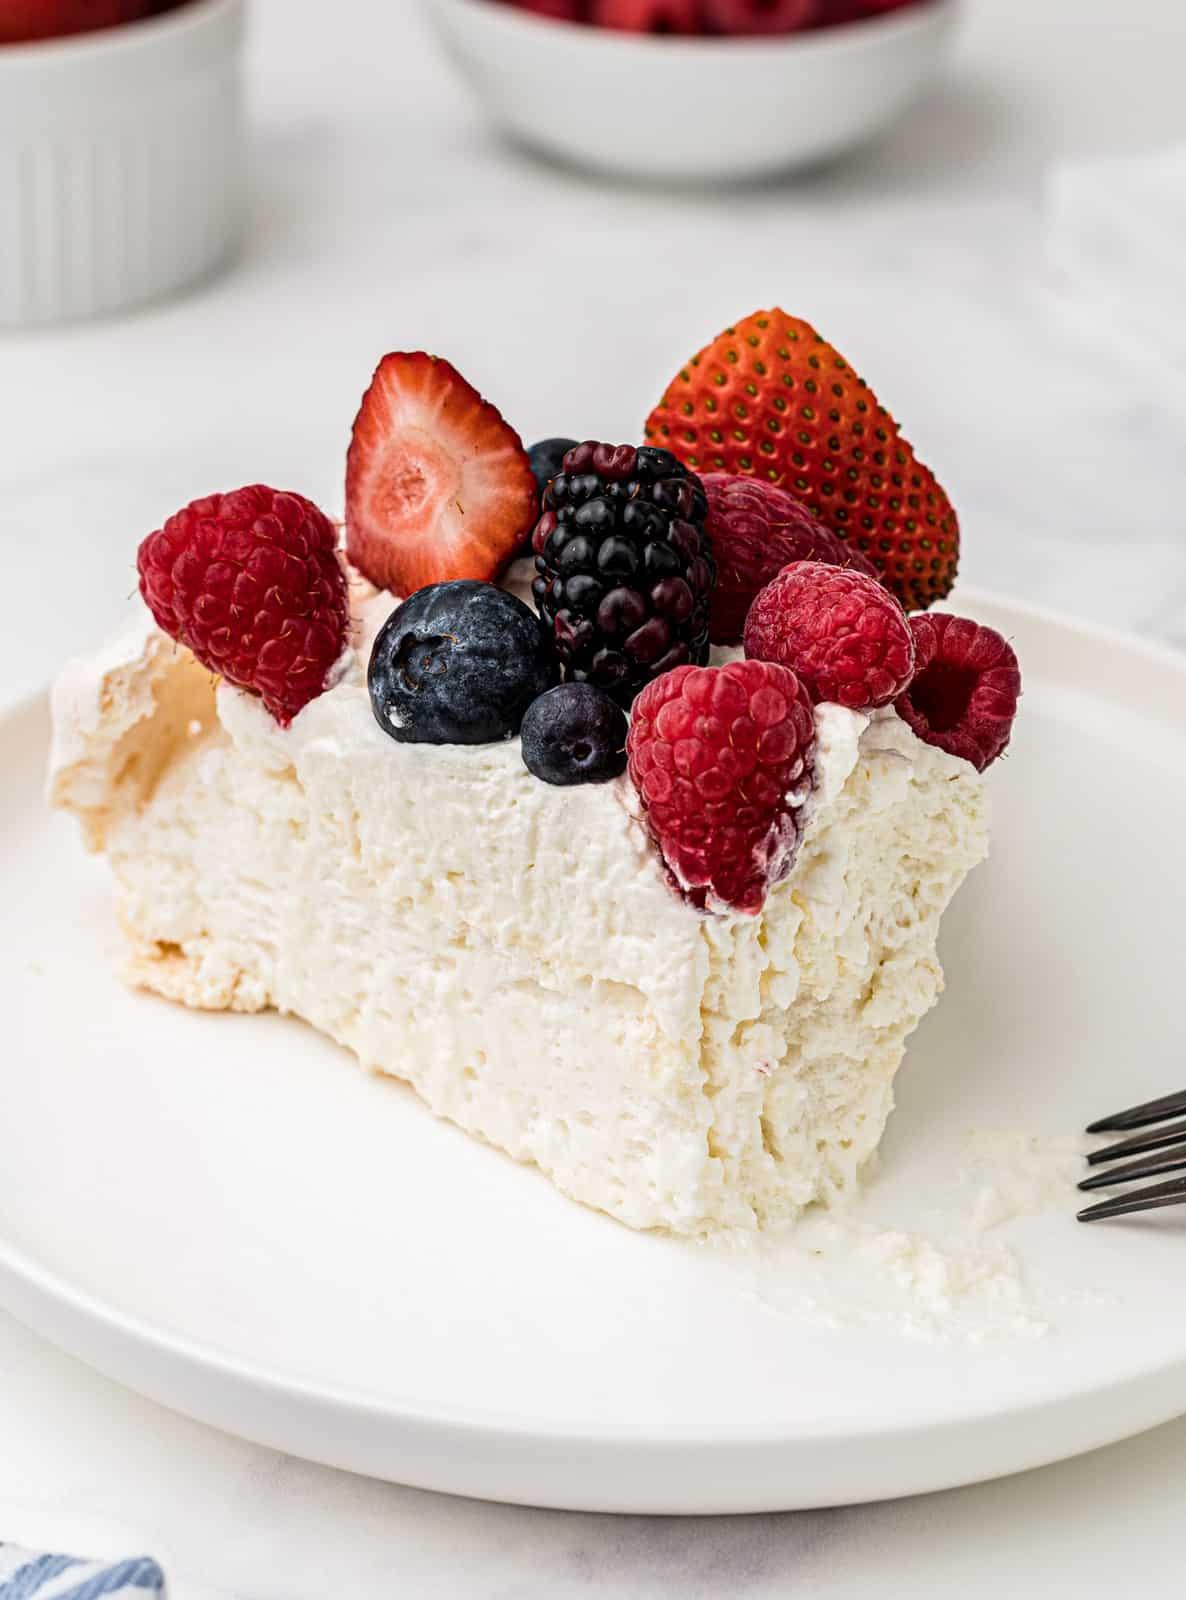 Bite taken out of slice of Pavlova on white plate